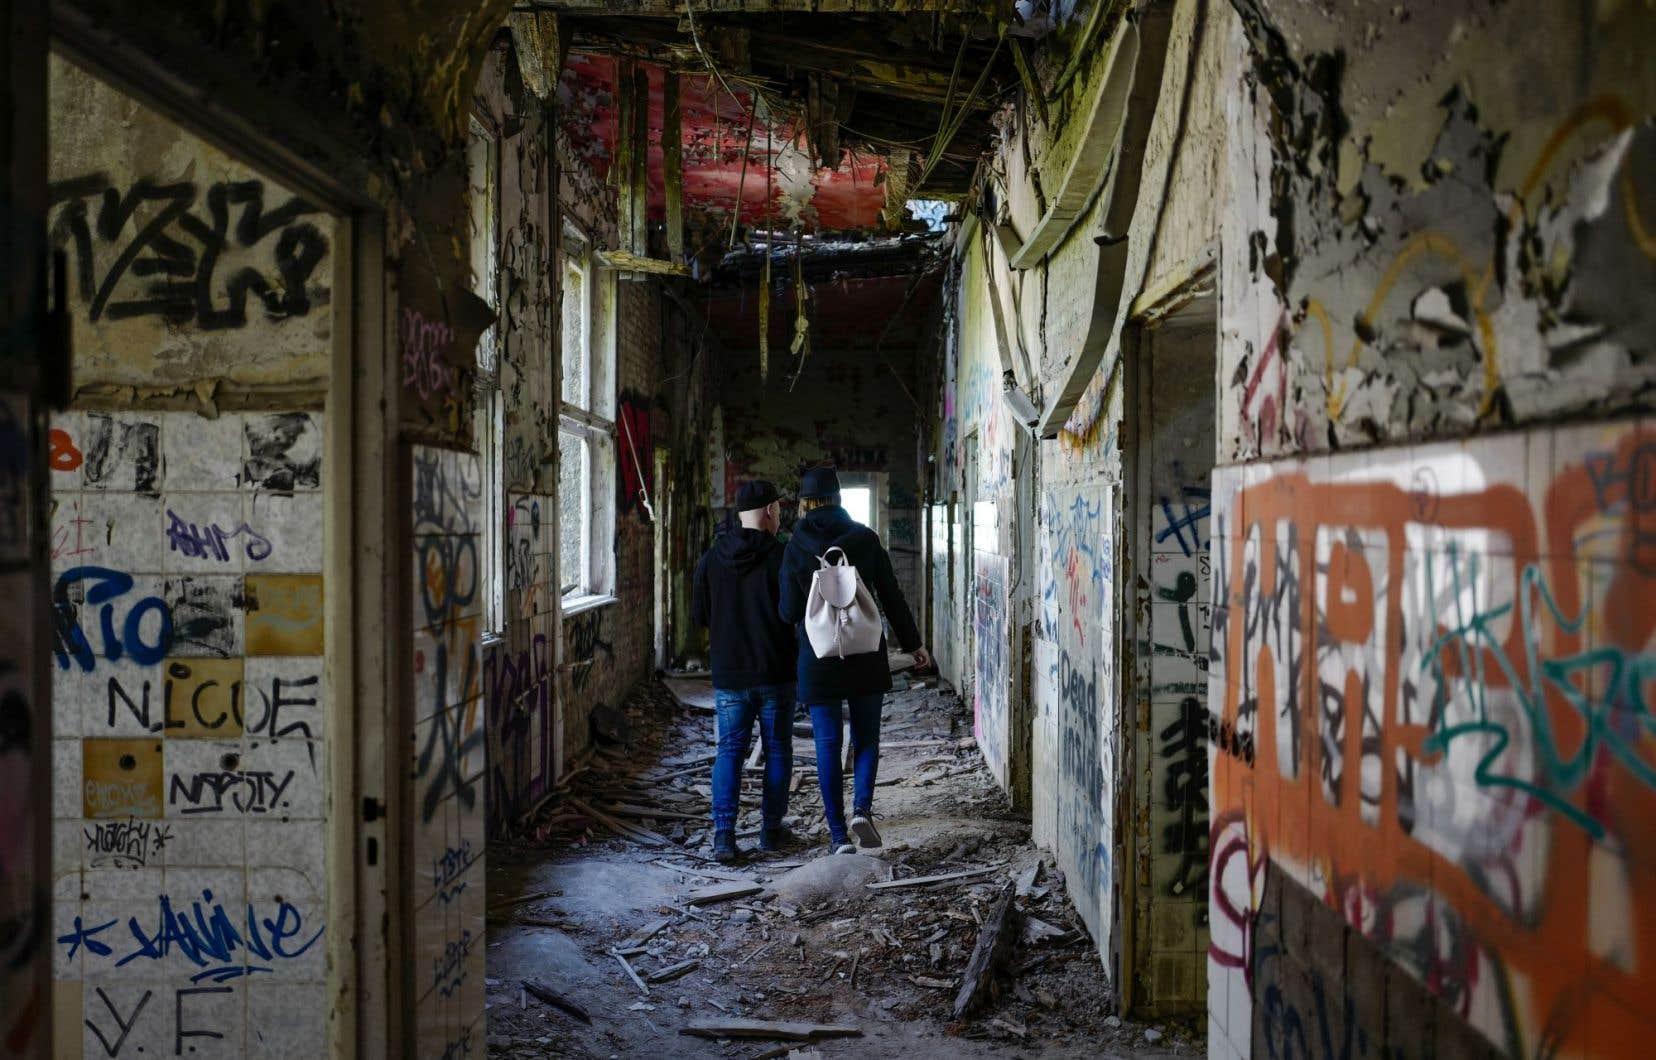 Max et Mila, deux jeunes Lettons, décryptent les graffitis sur les murs.